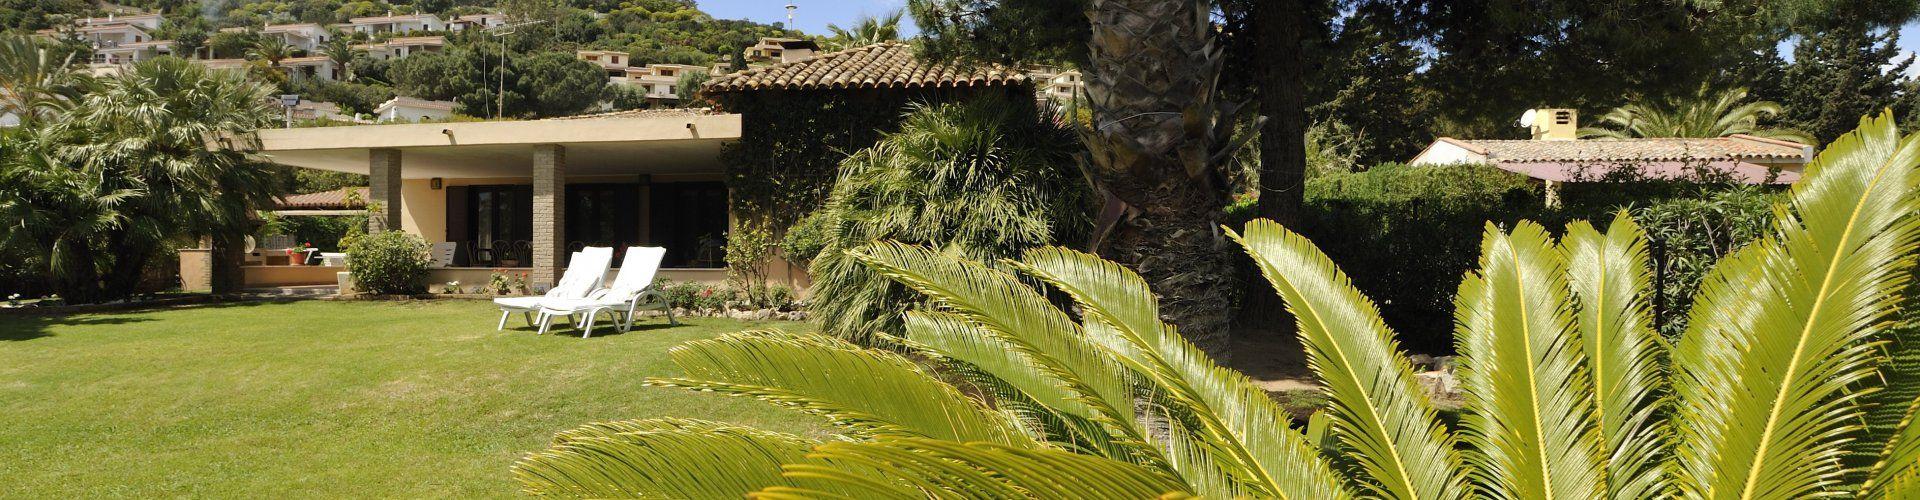 Großer, weitläufiger und schön gestalteter Garten